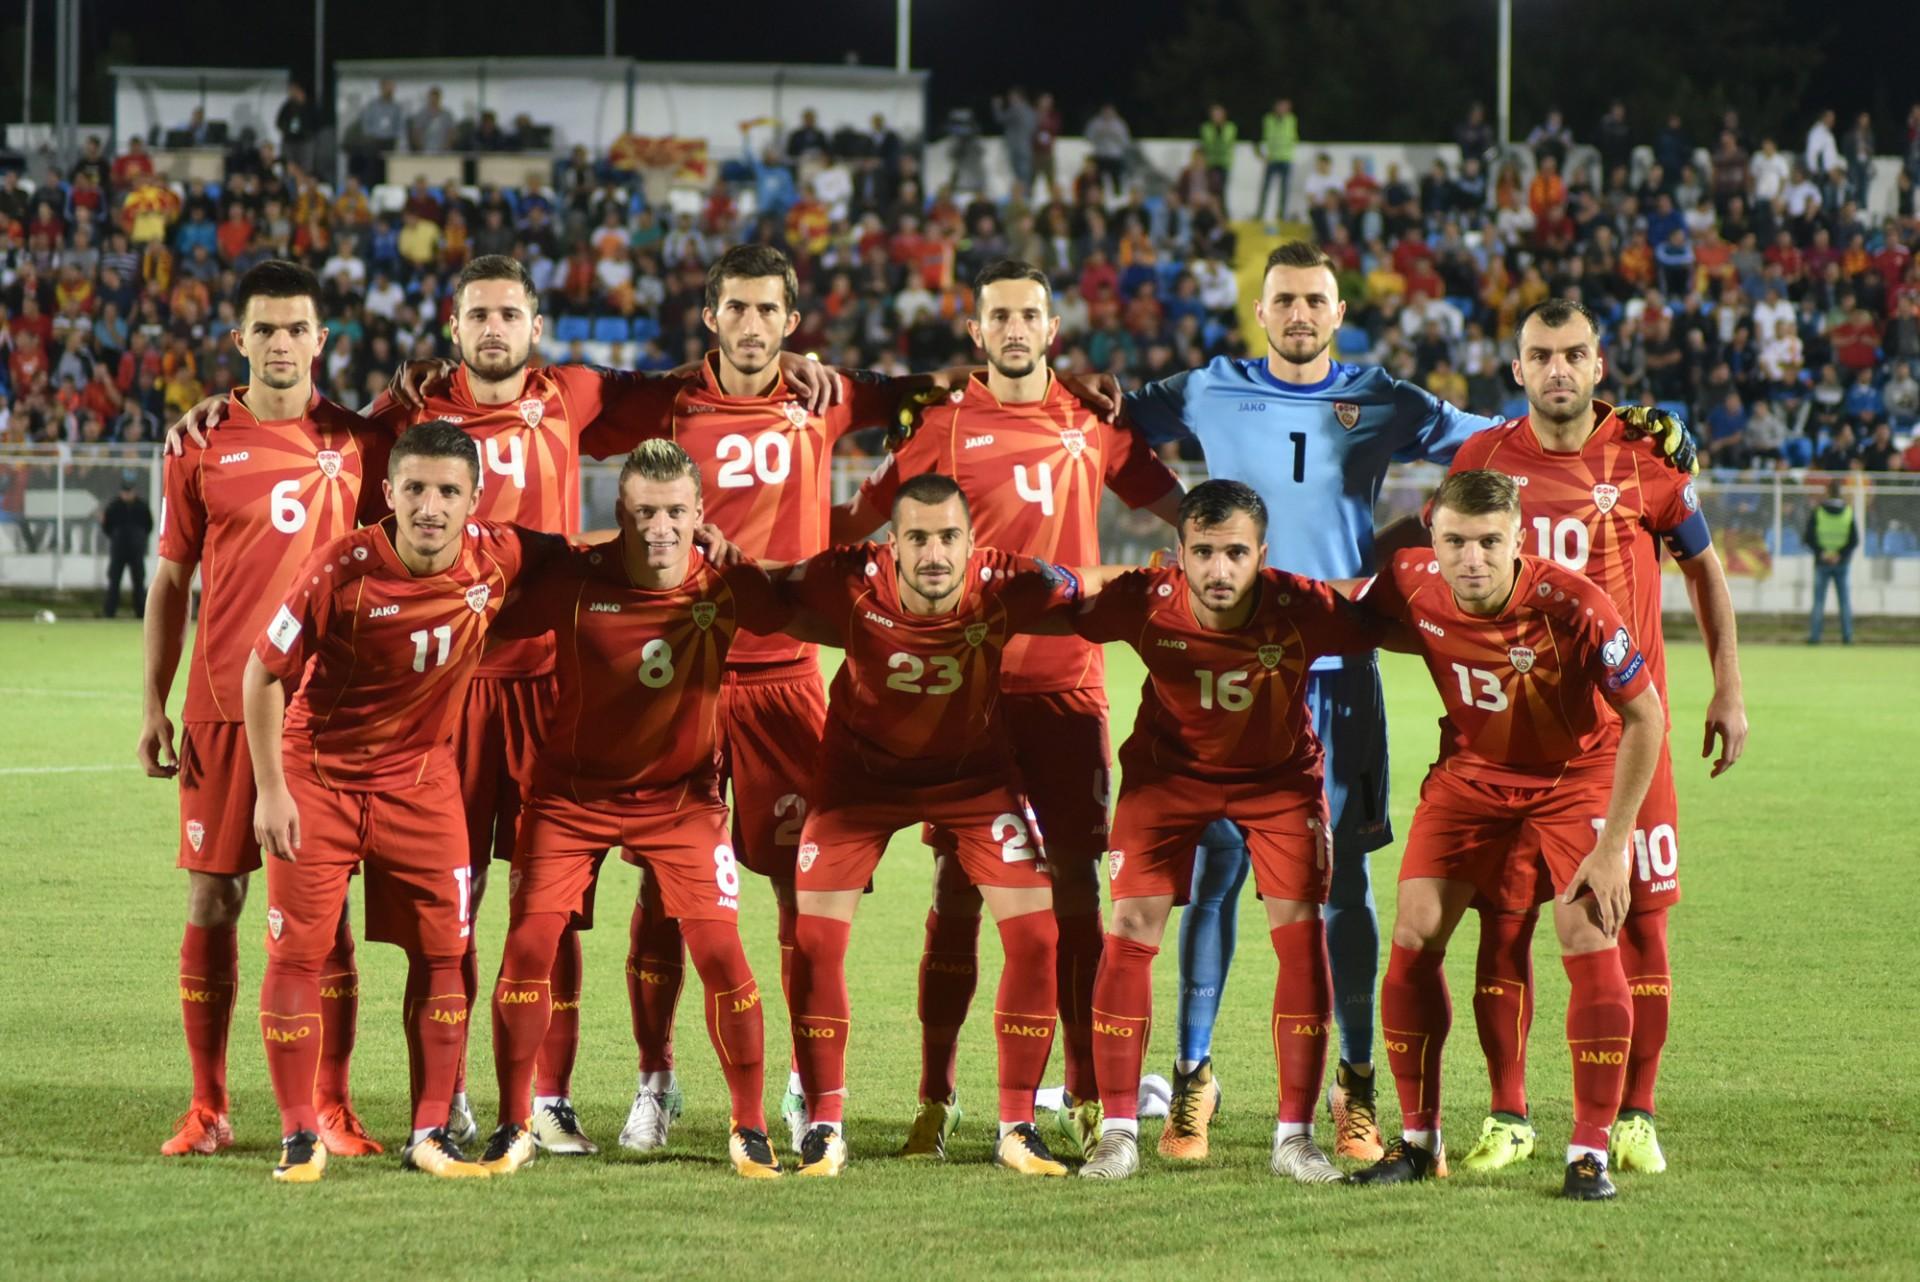 Македонија се искачи на 103 место на ФИФА ранг листата